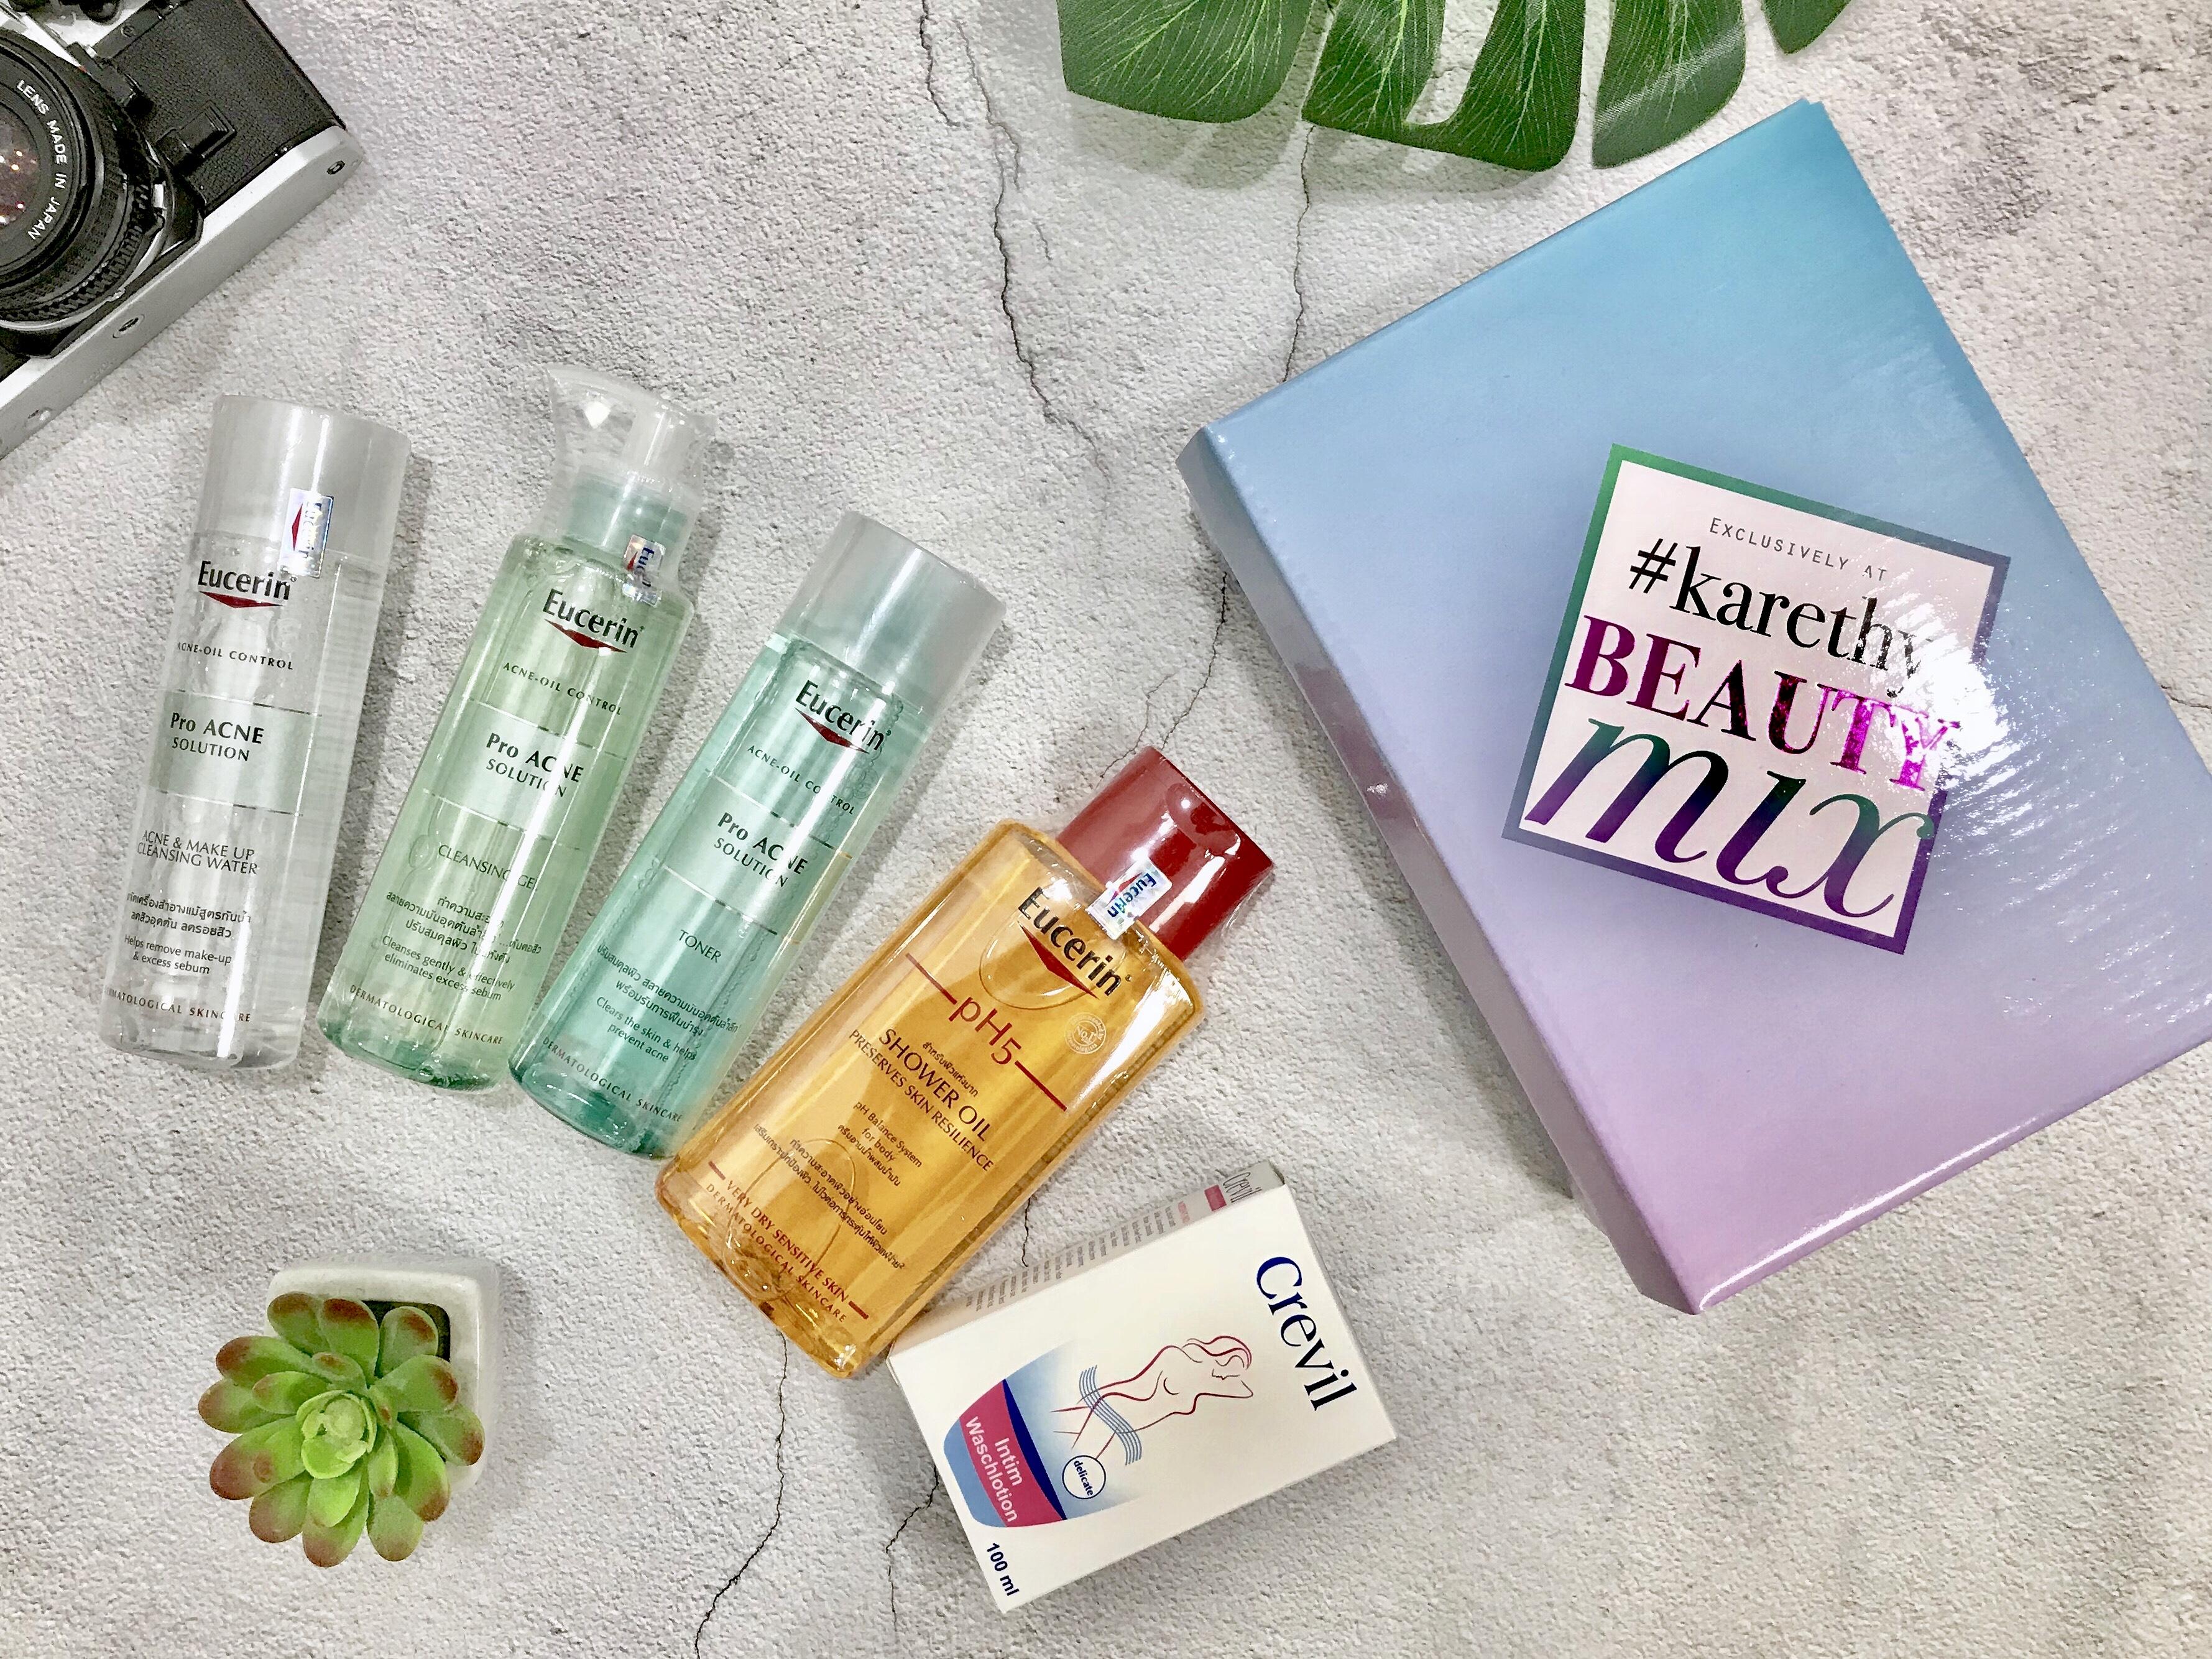 Karethy Beauty Mix - Eucerin Pro Acne